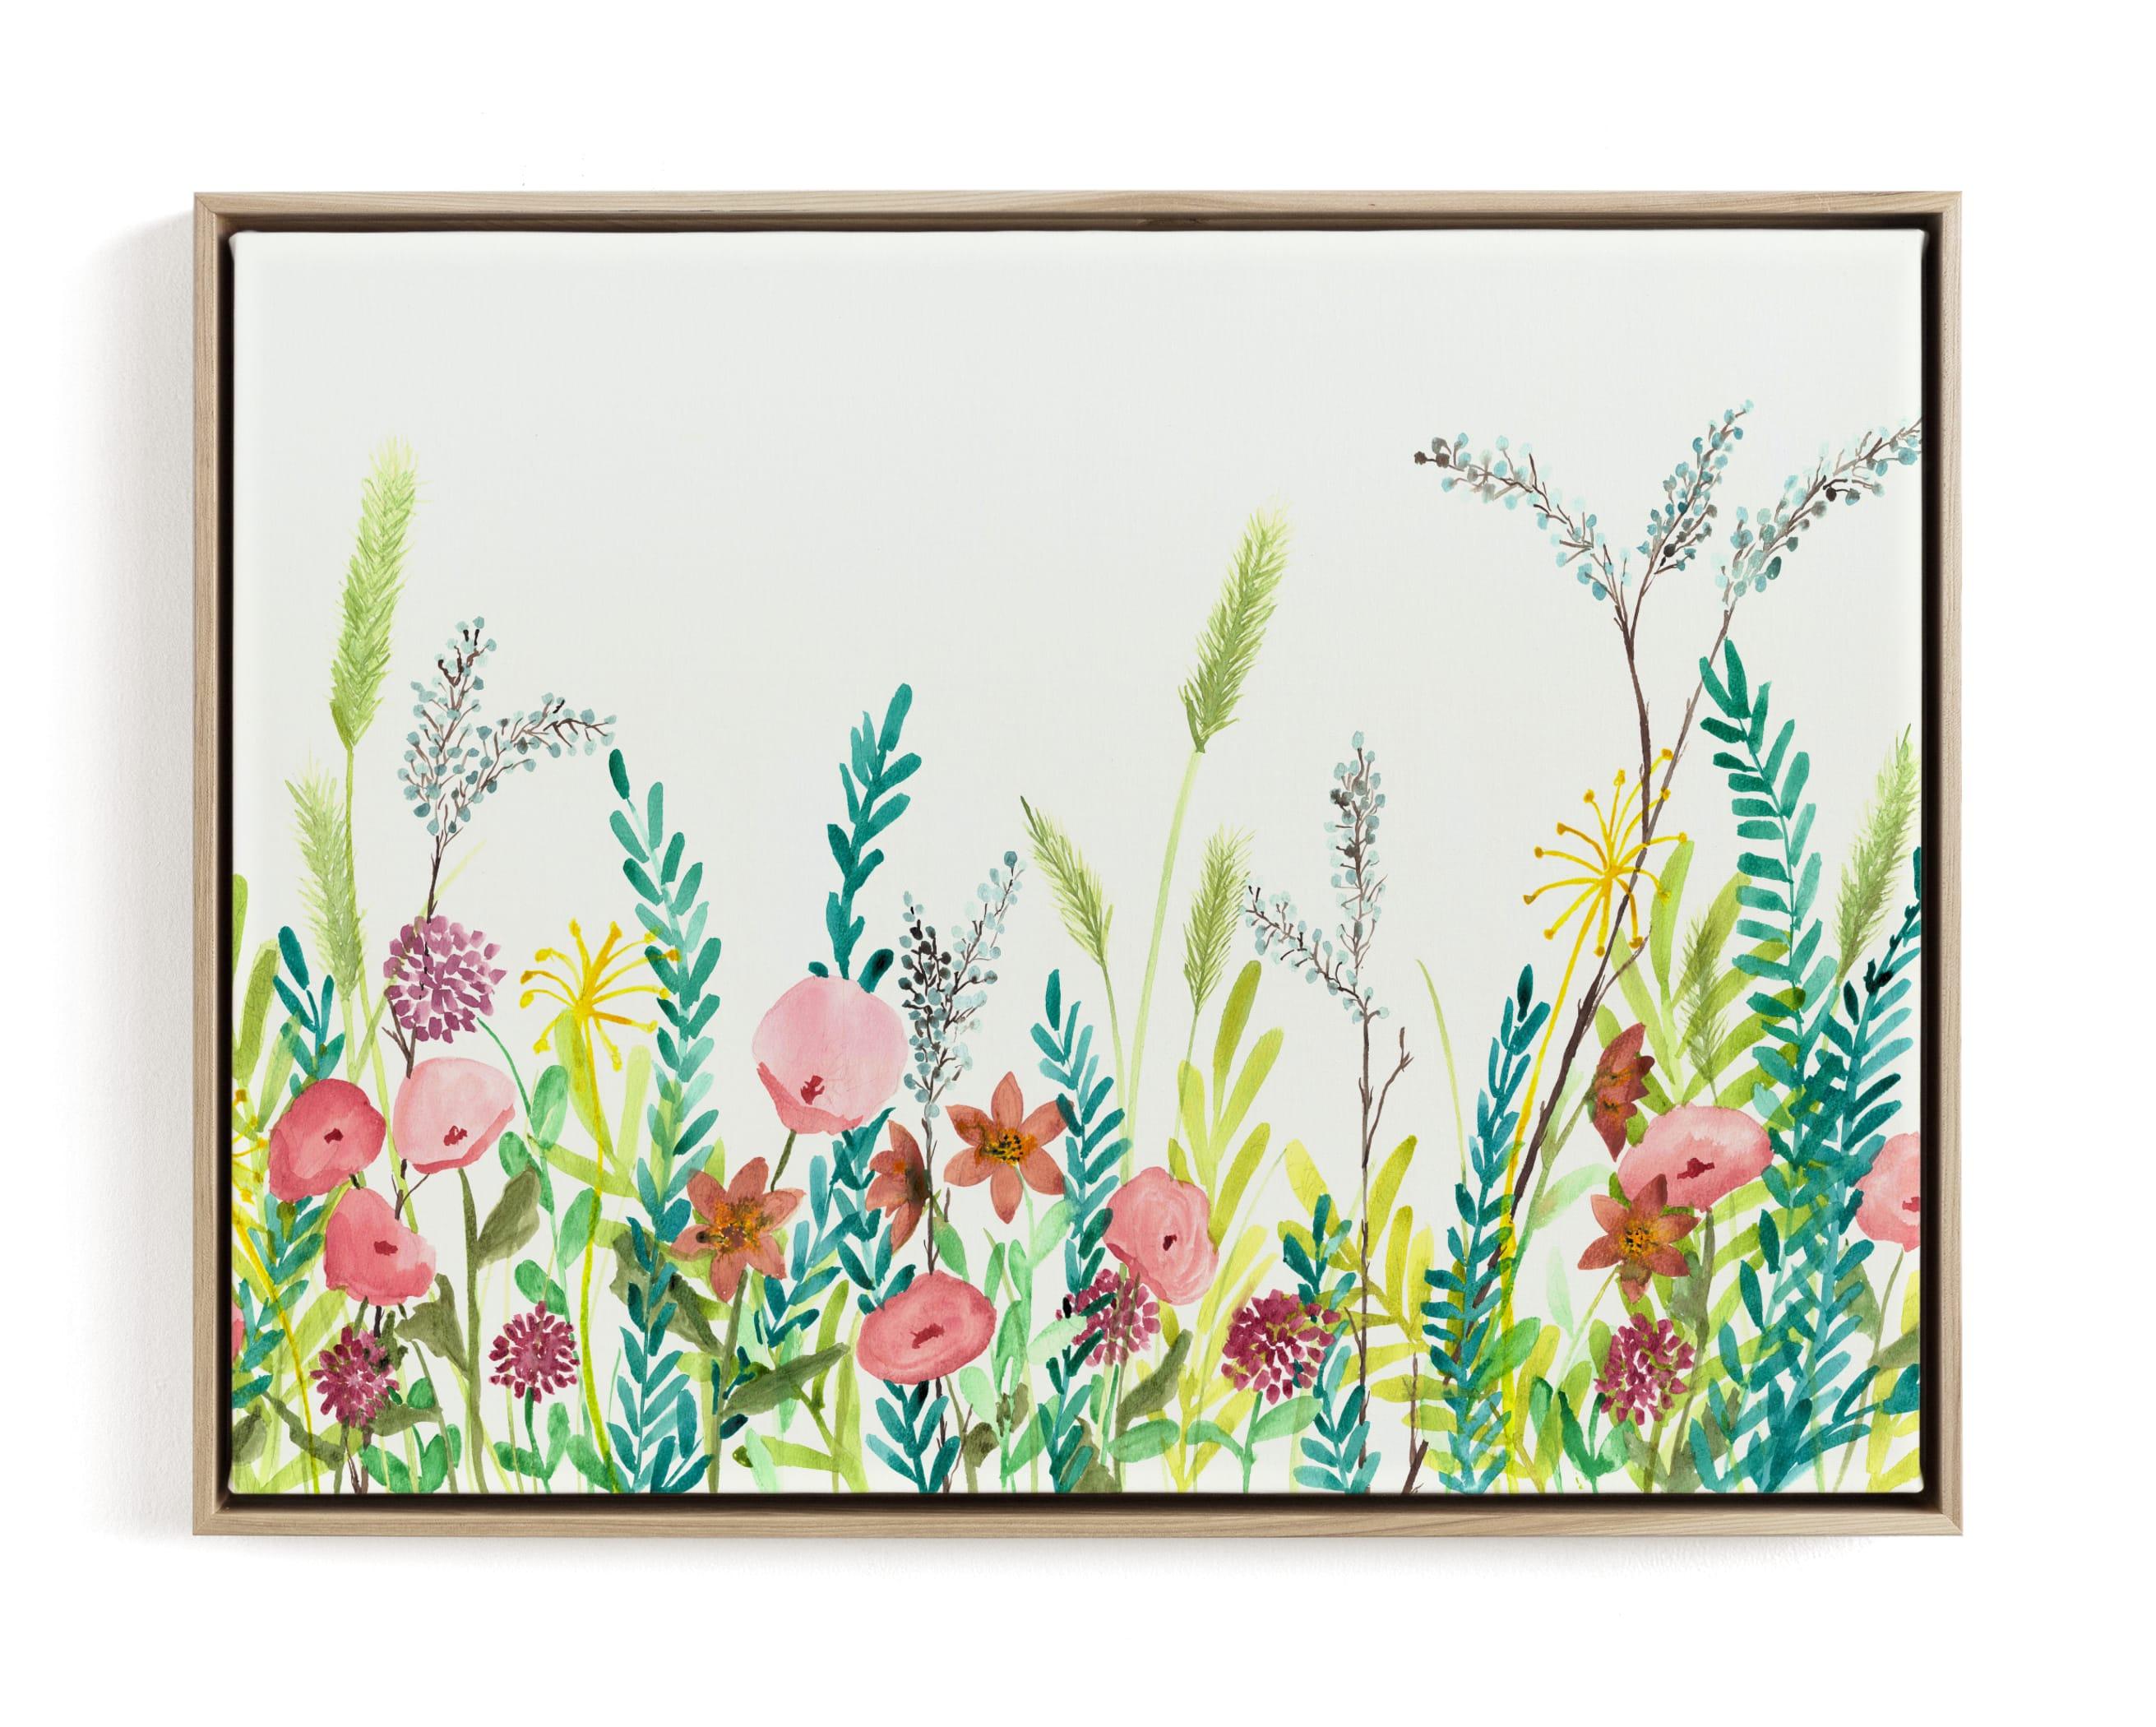 Wildflower and Free Children's Art Print